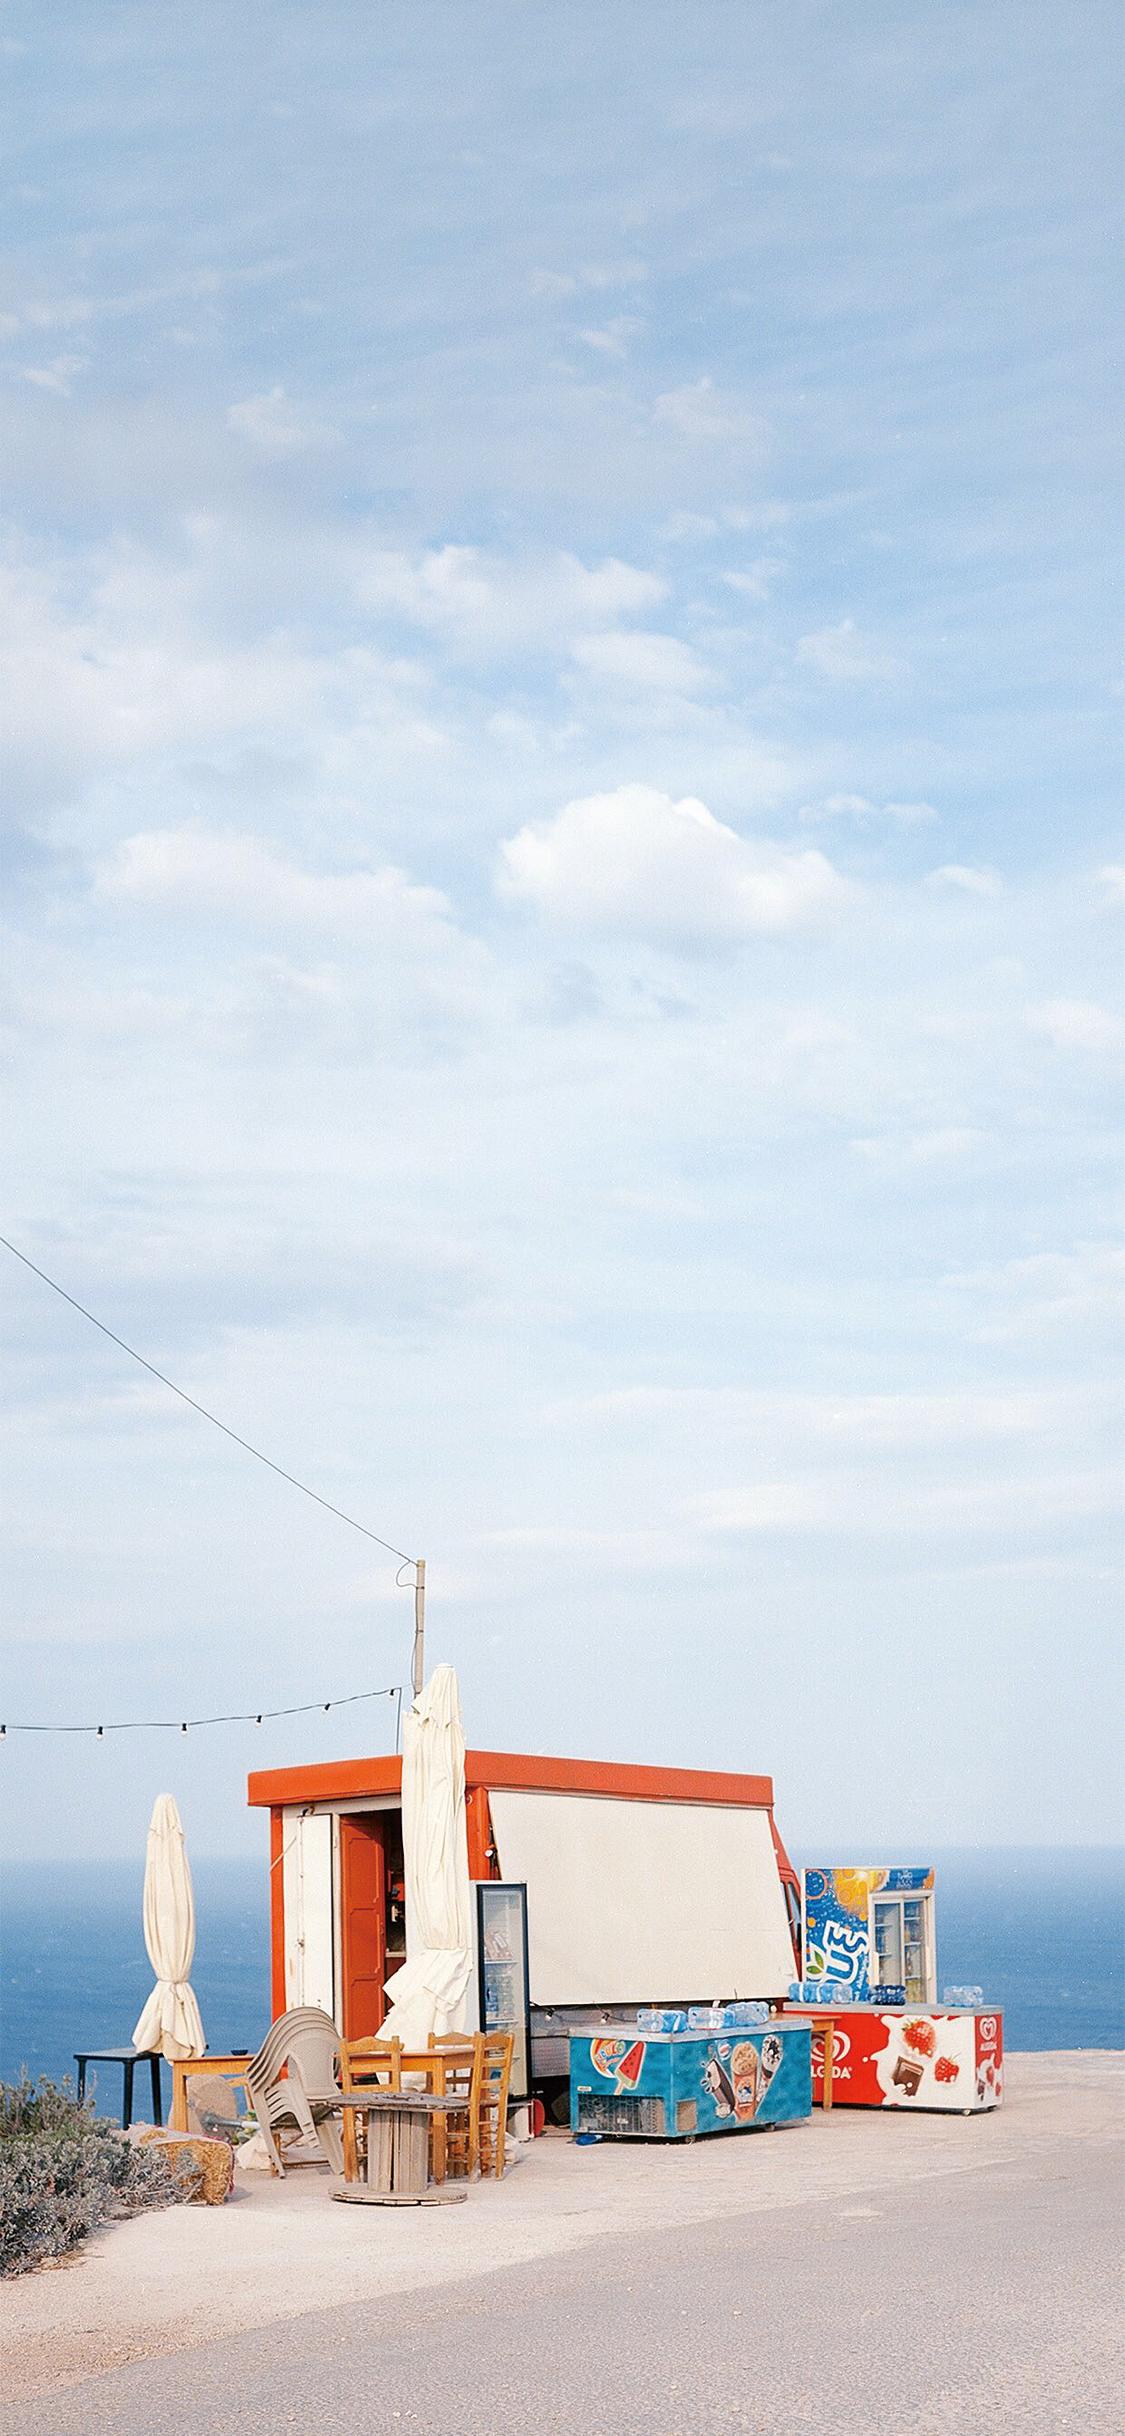 图片[1]-蛋壳公寓最新动态:唐青啥眼神啊-群达人